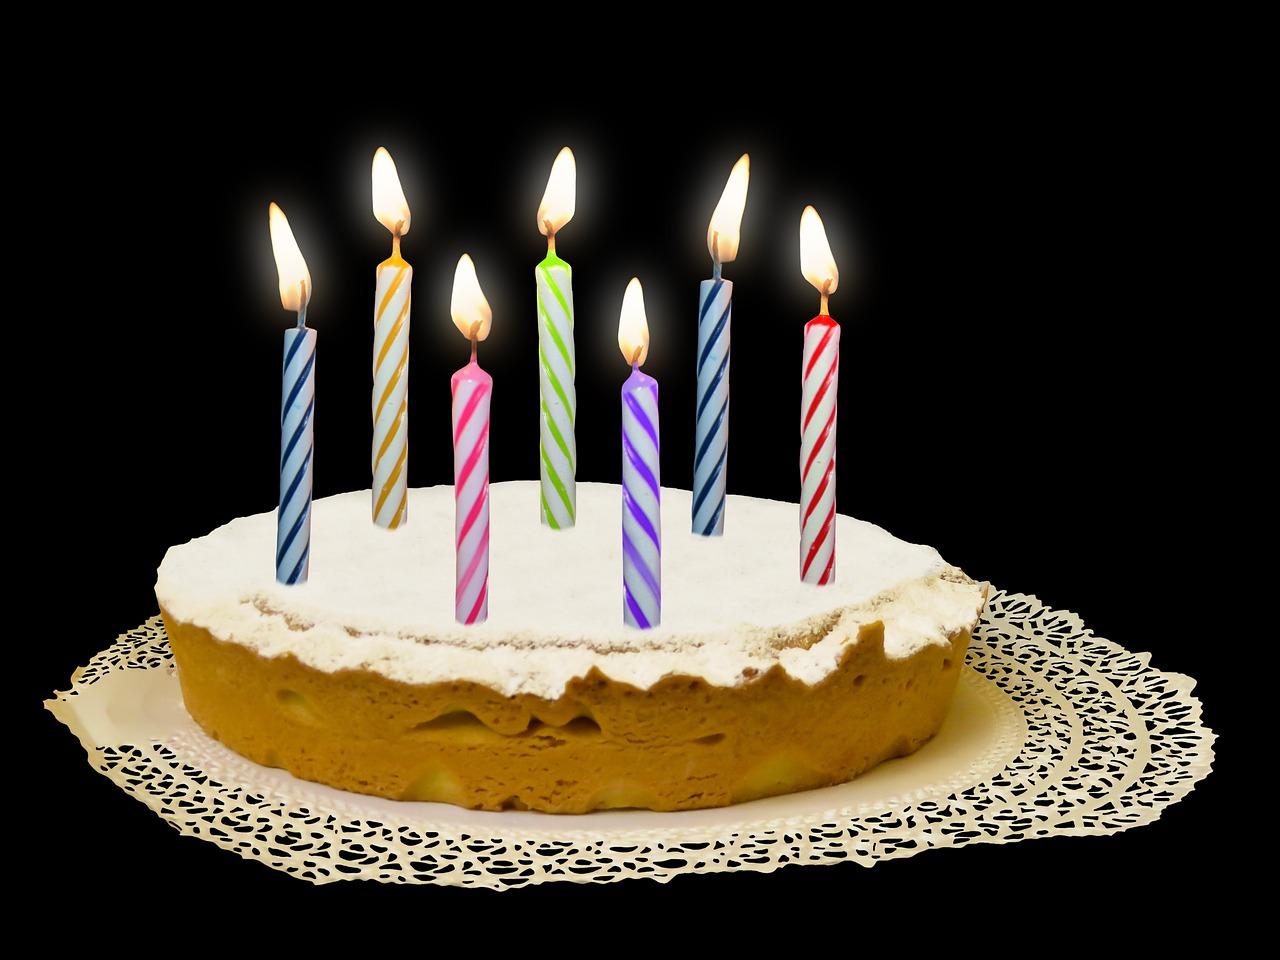 Картинки торт с свечами